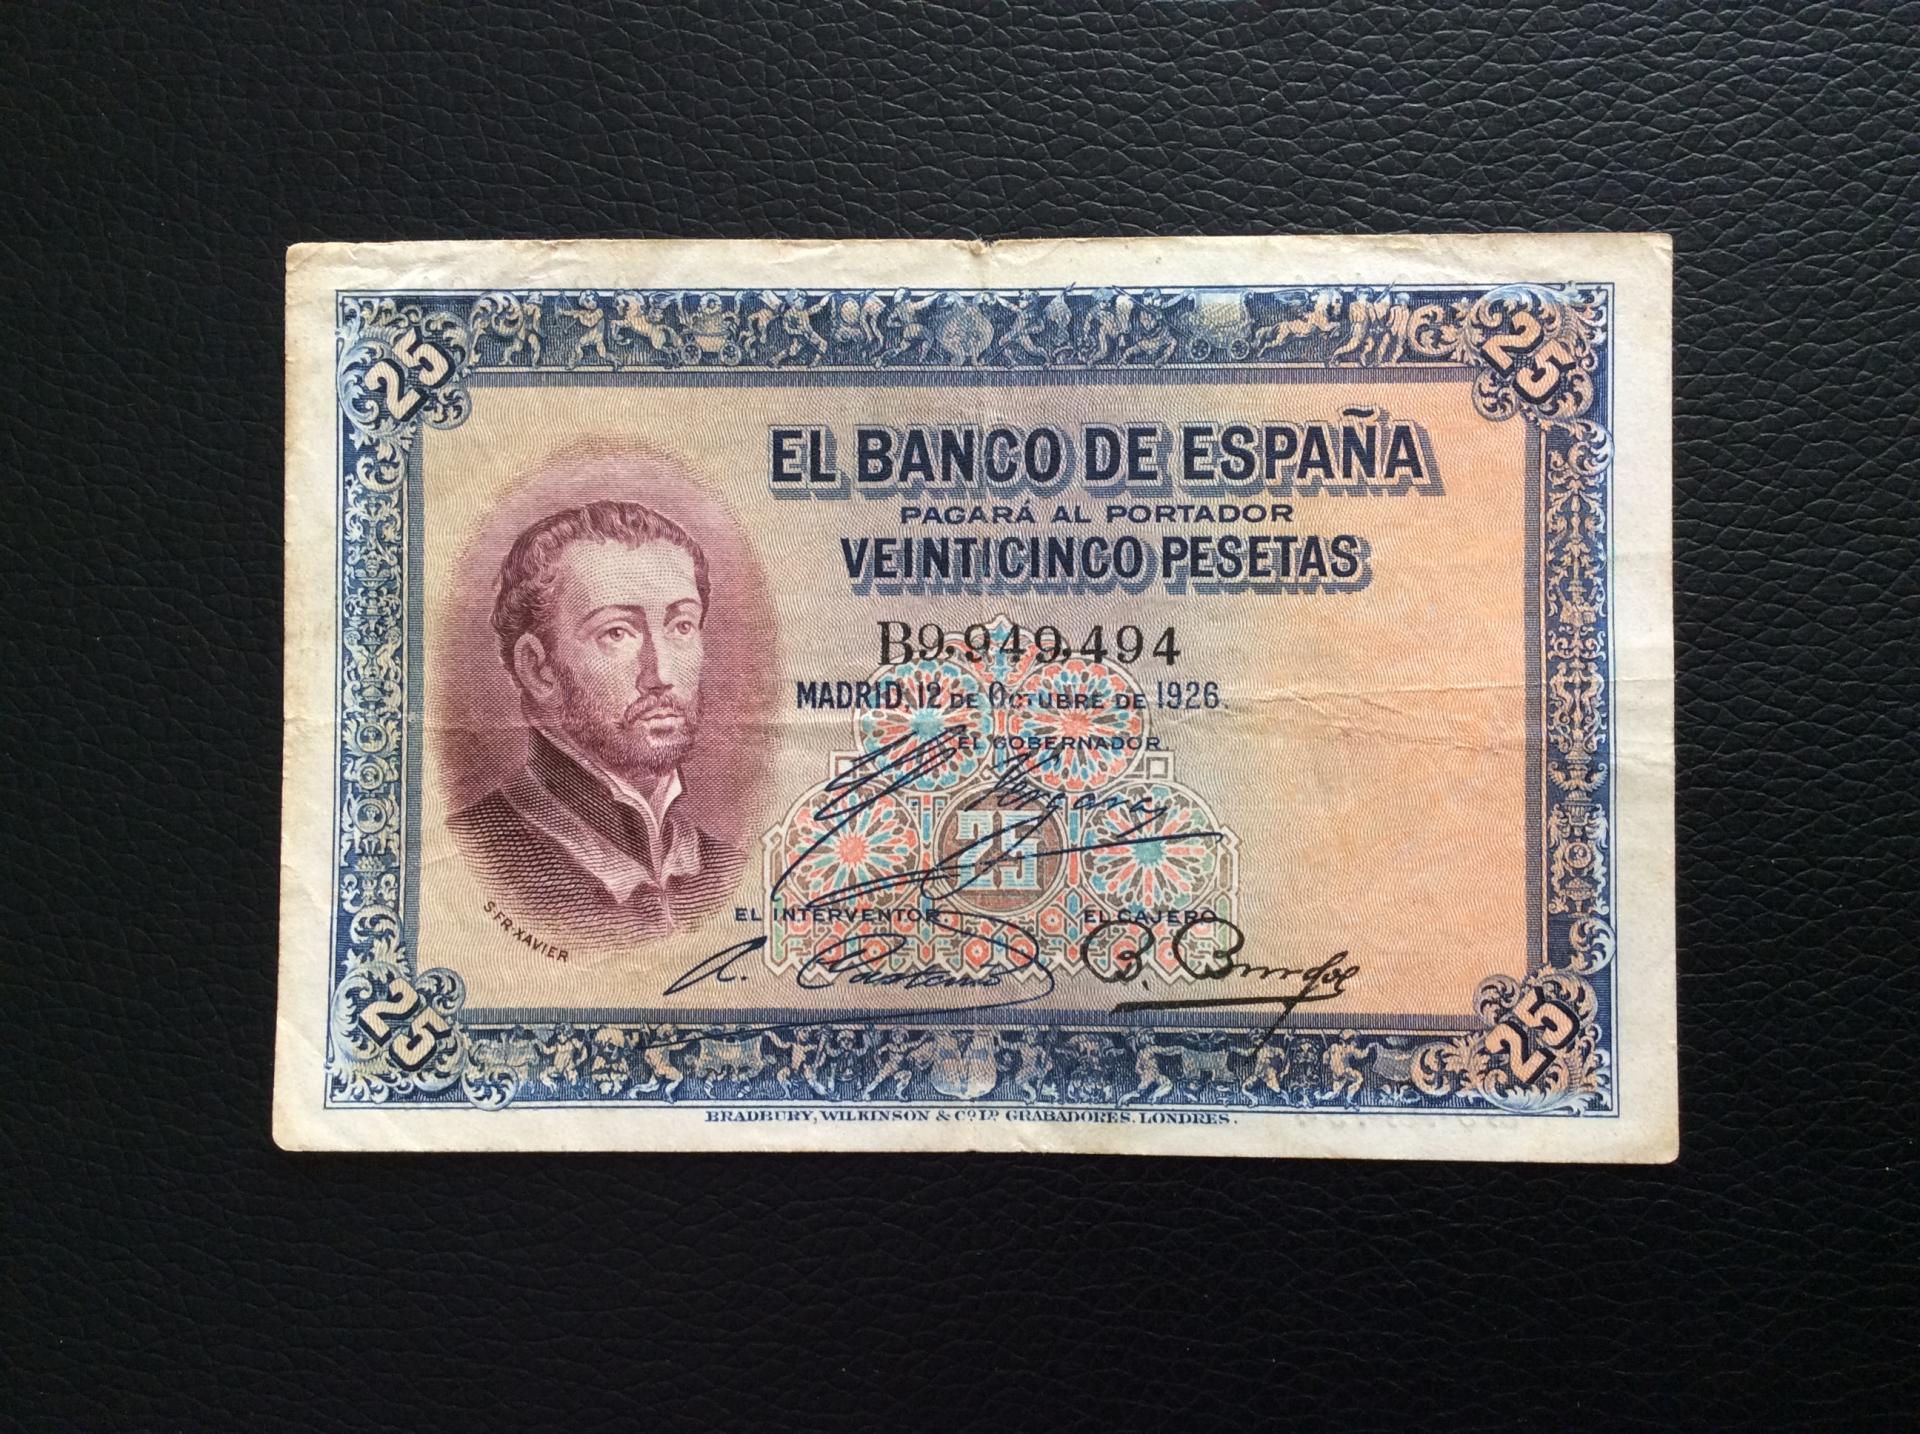 25 PESETAS 1926 - NÚMERO MUY CURIOSO - SAN JAVIER